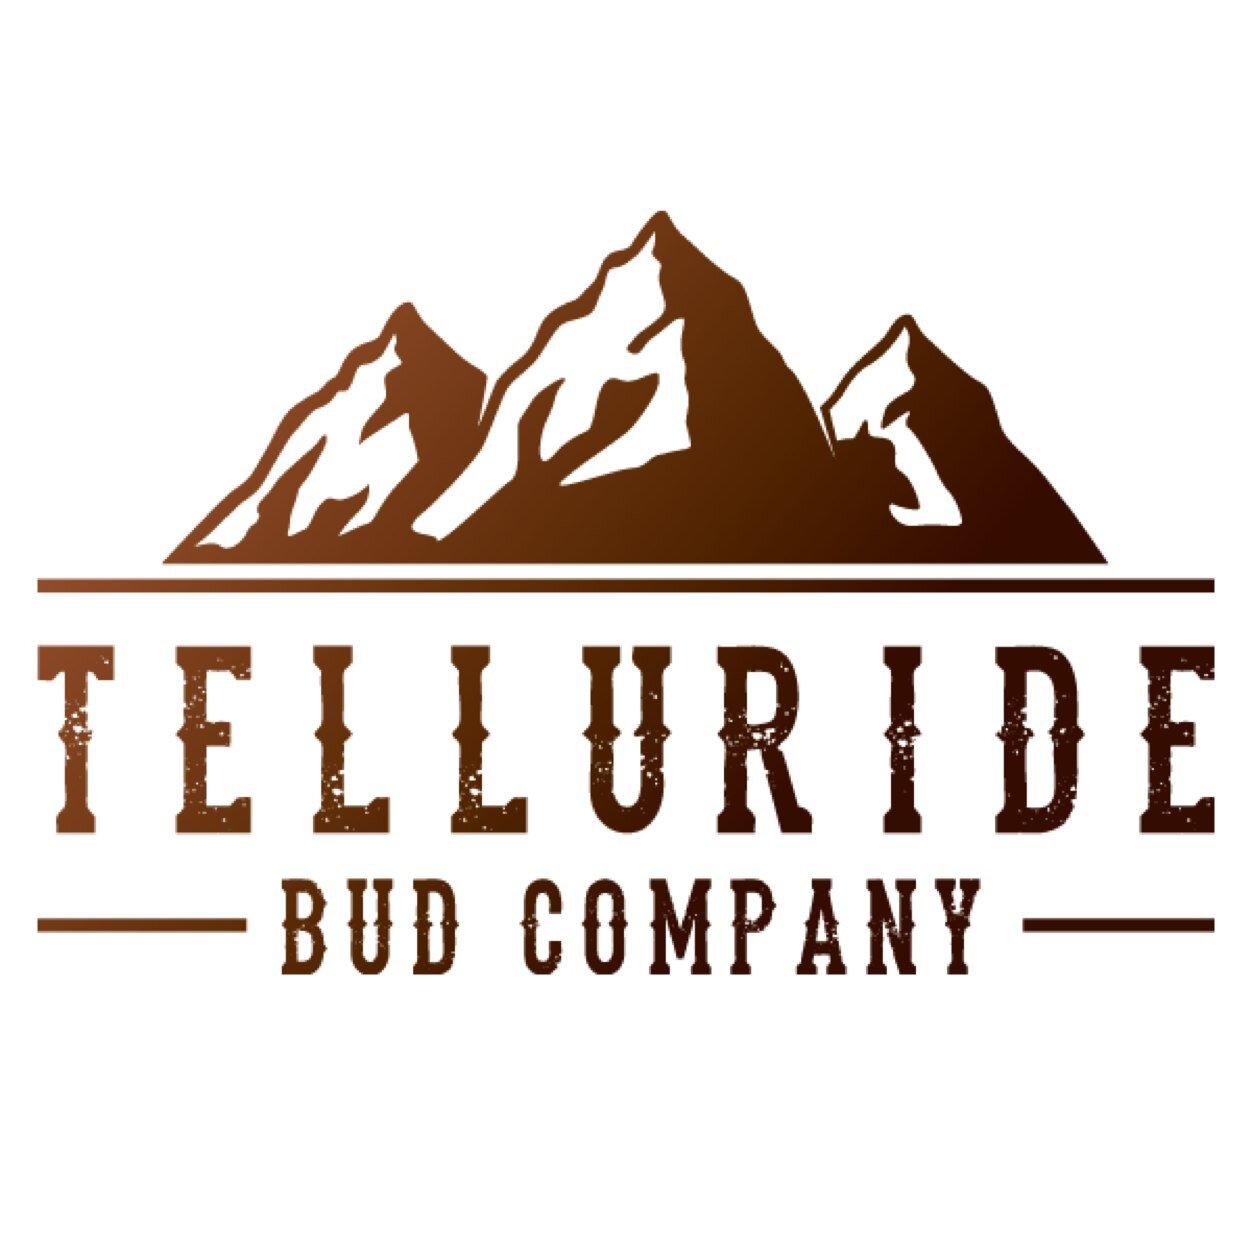 Telluride Bud Co